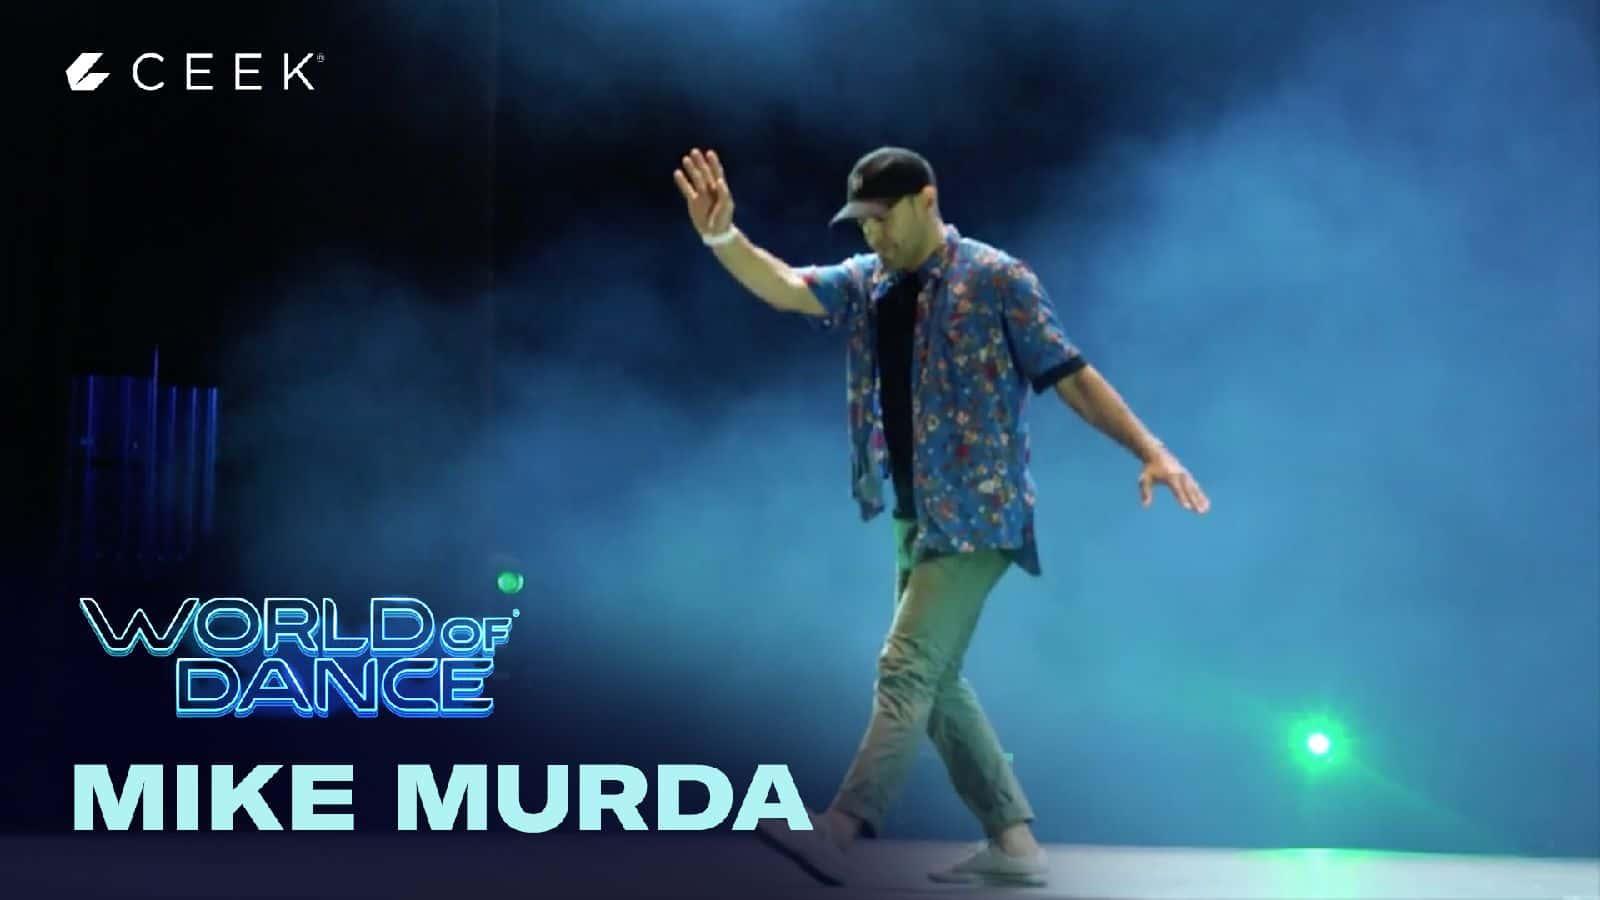 Mike Murda